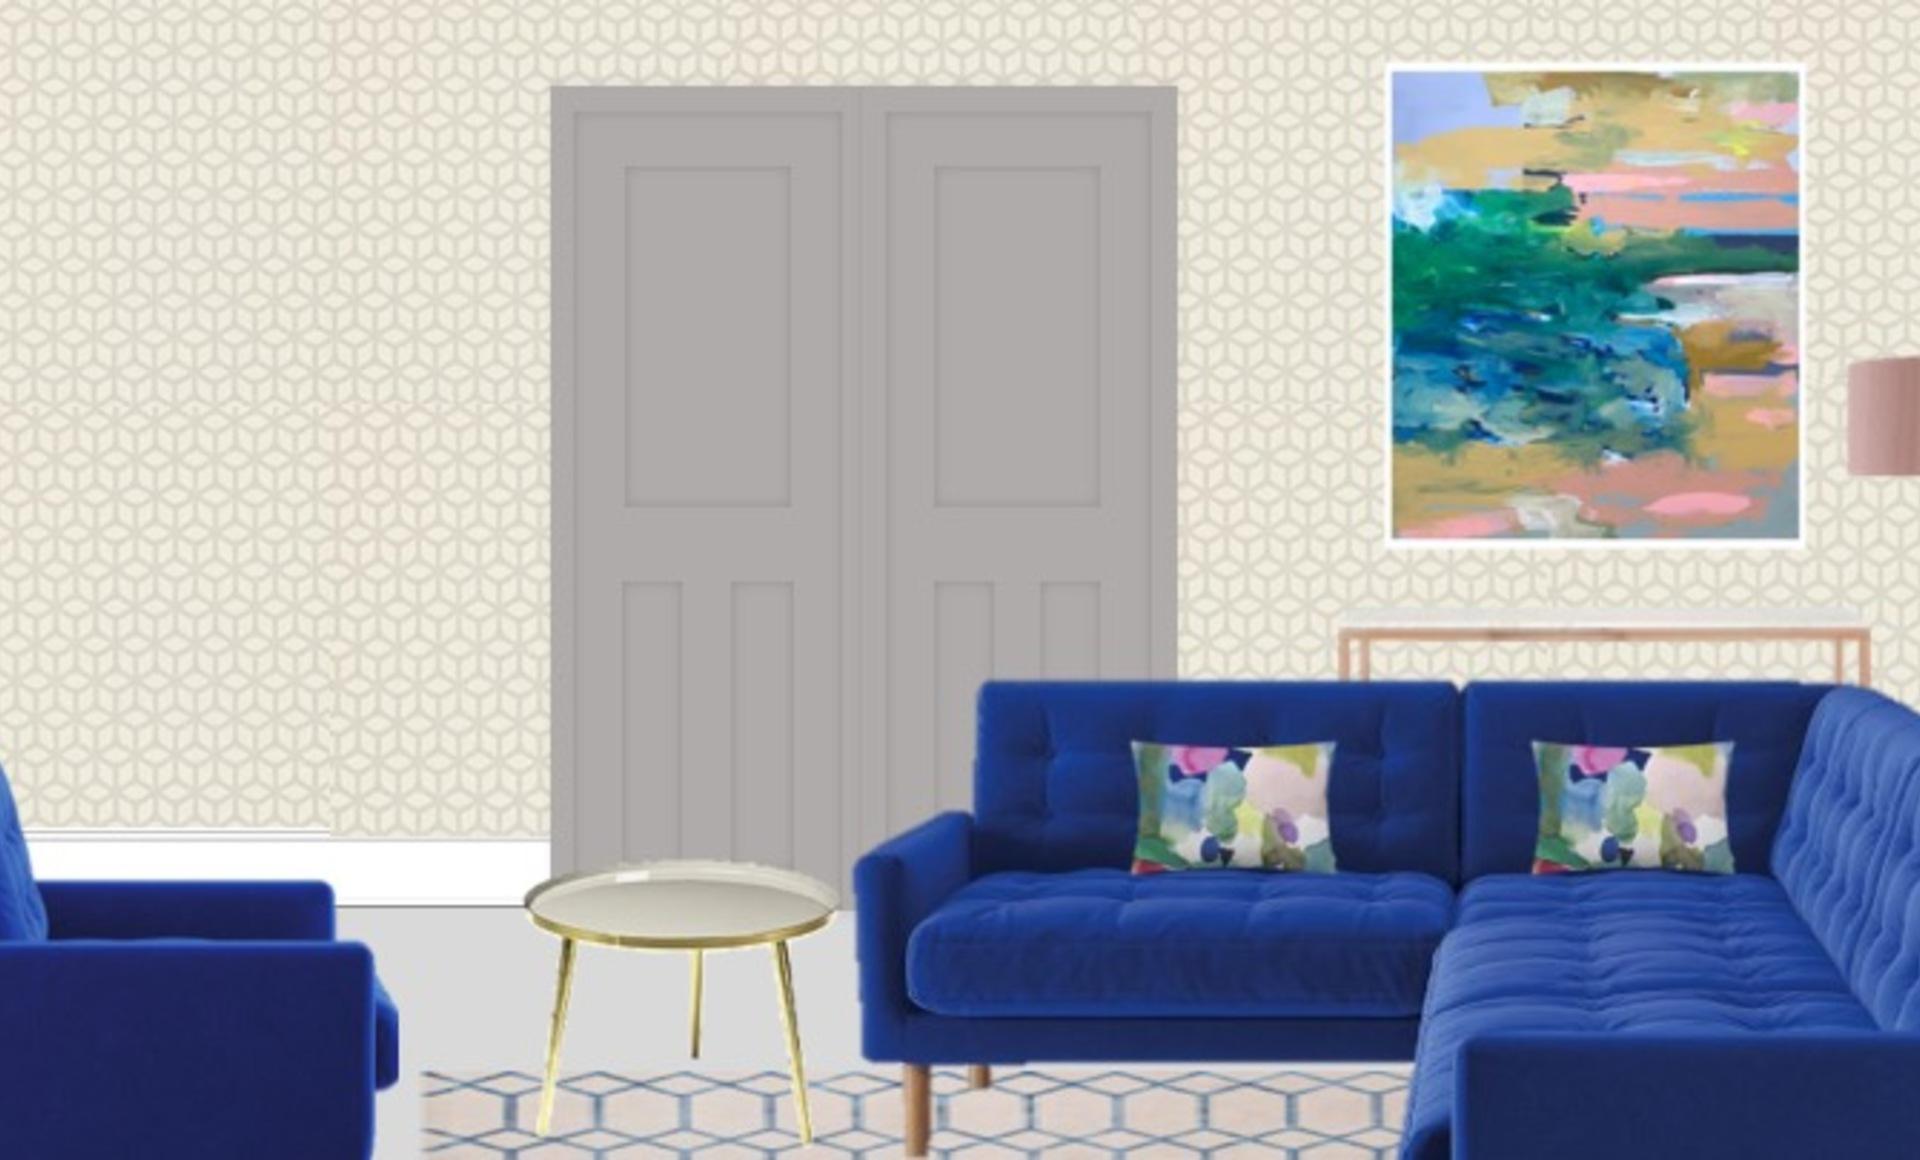 Mbr carol handa livingroom 2delevation final2